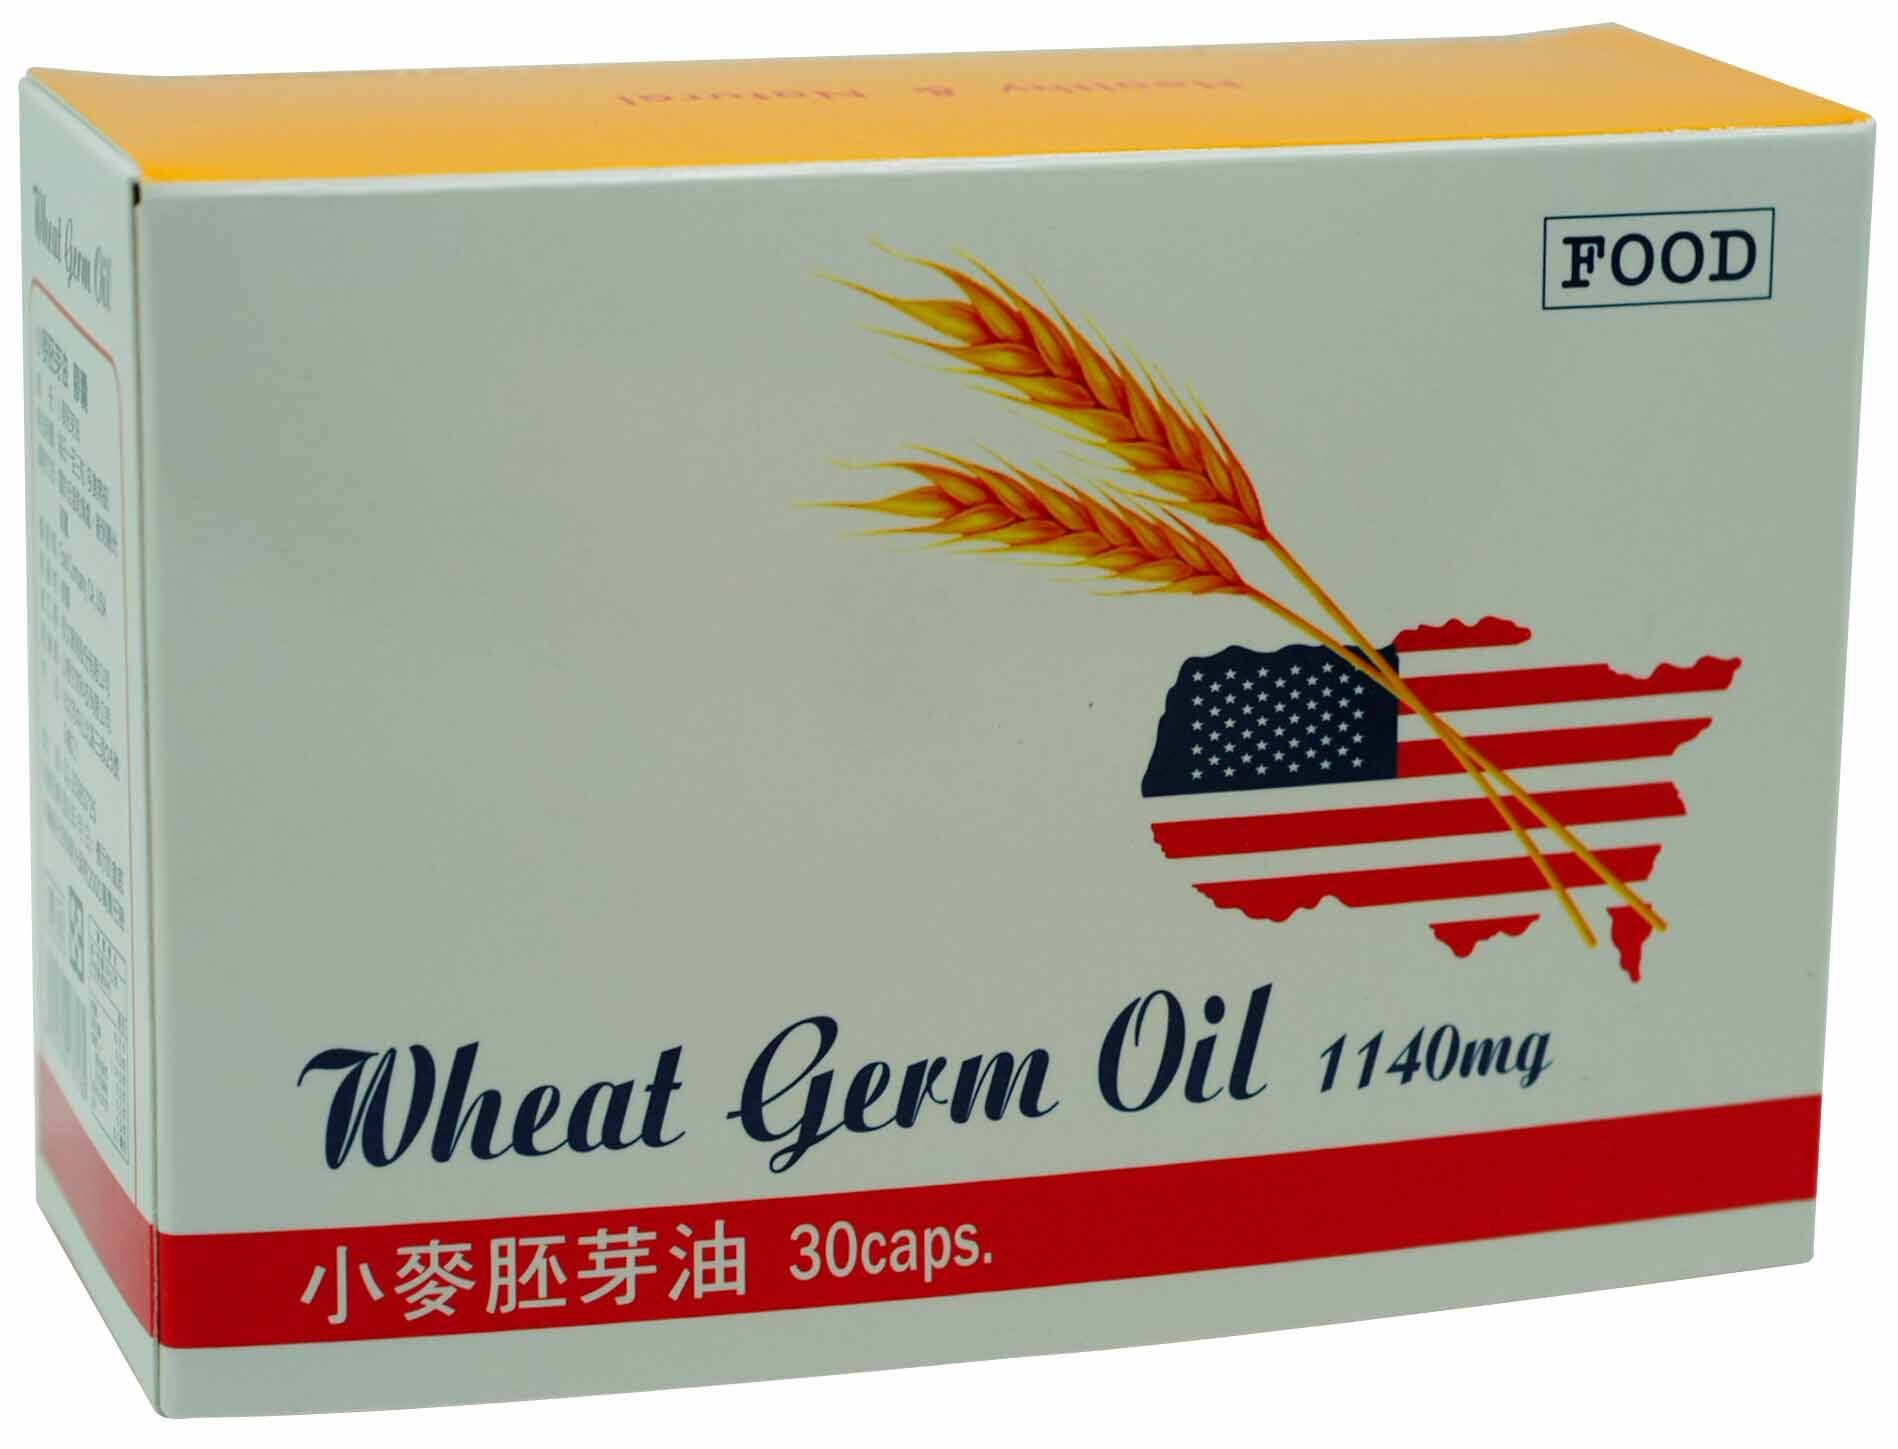 【美日樂活】美國原裝 小麥胚芽油 (30粒膠囊),天然維生素E,促進新陳代謝,延緩機體衰老